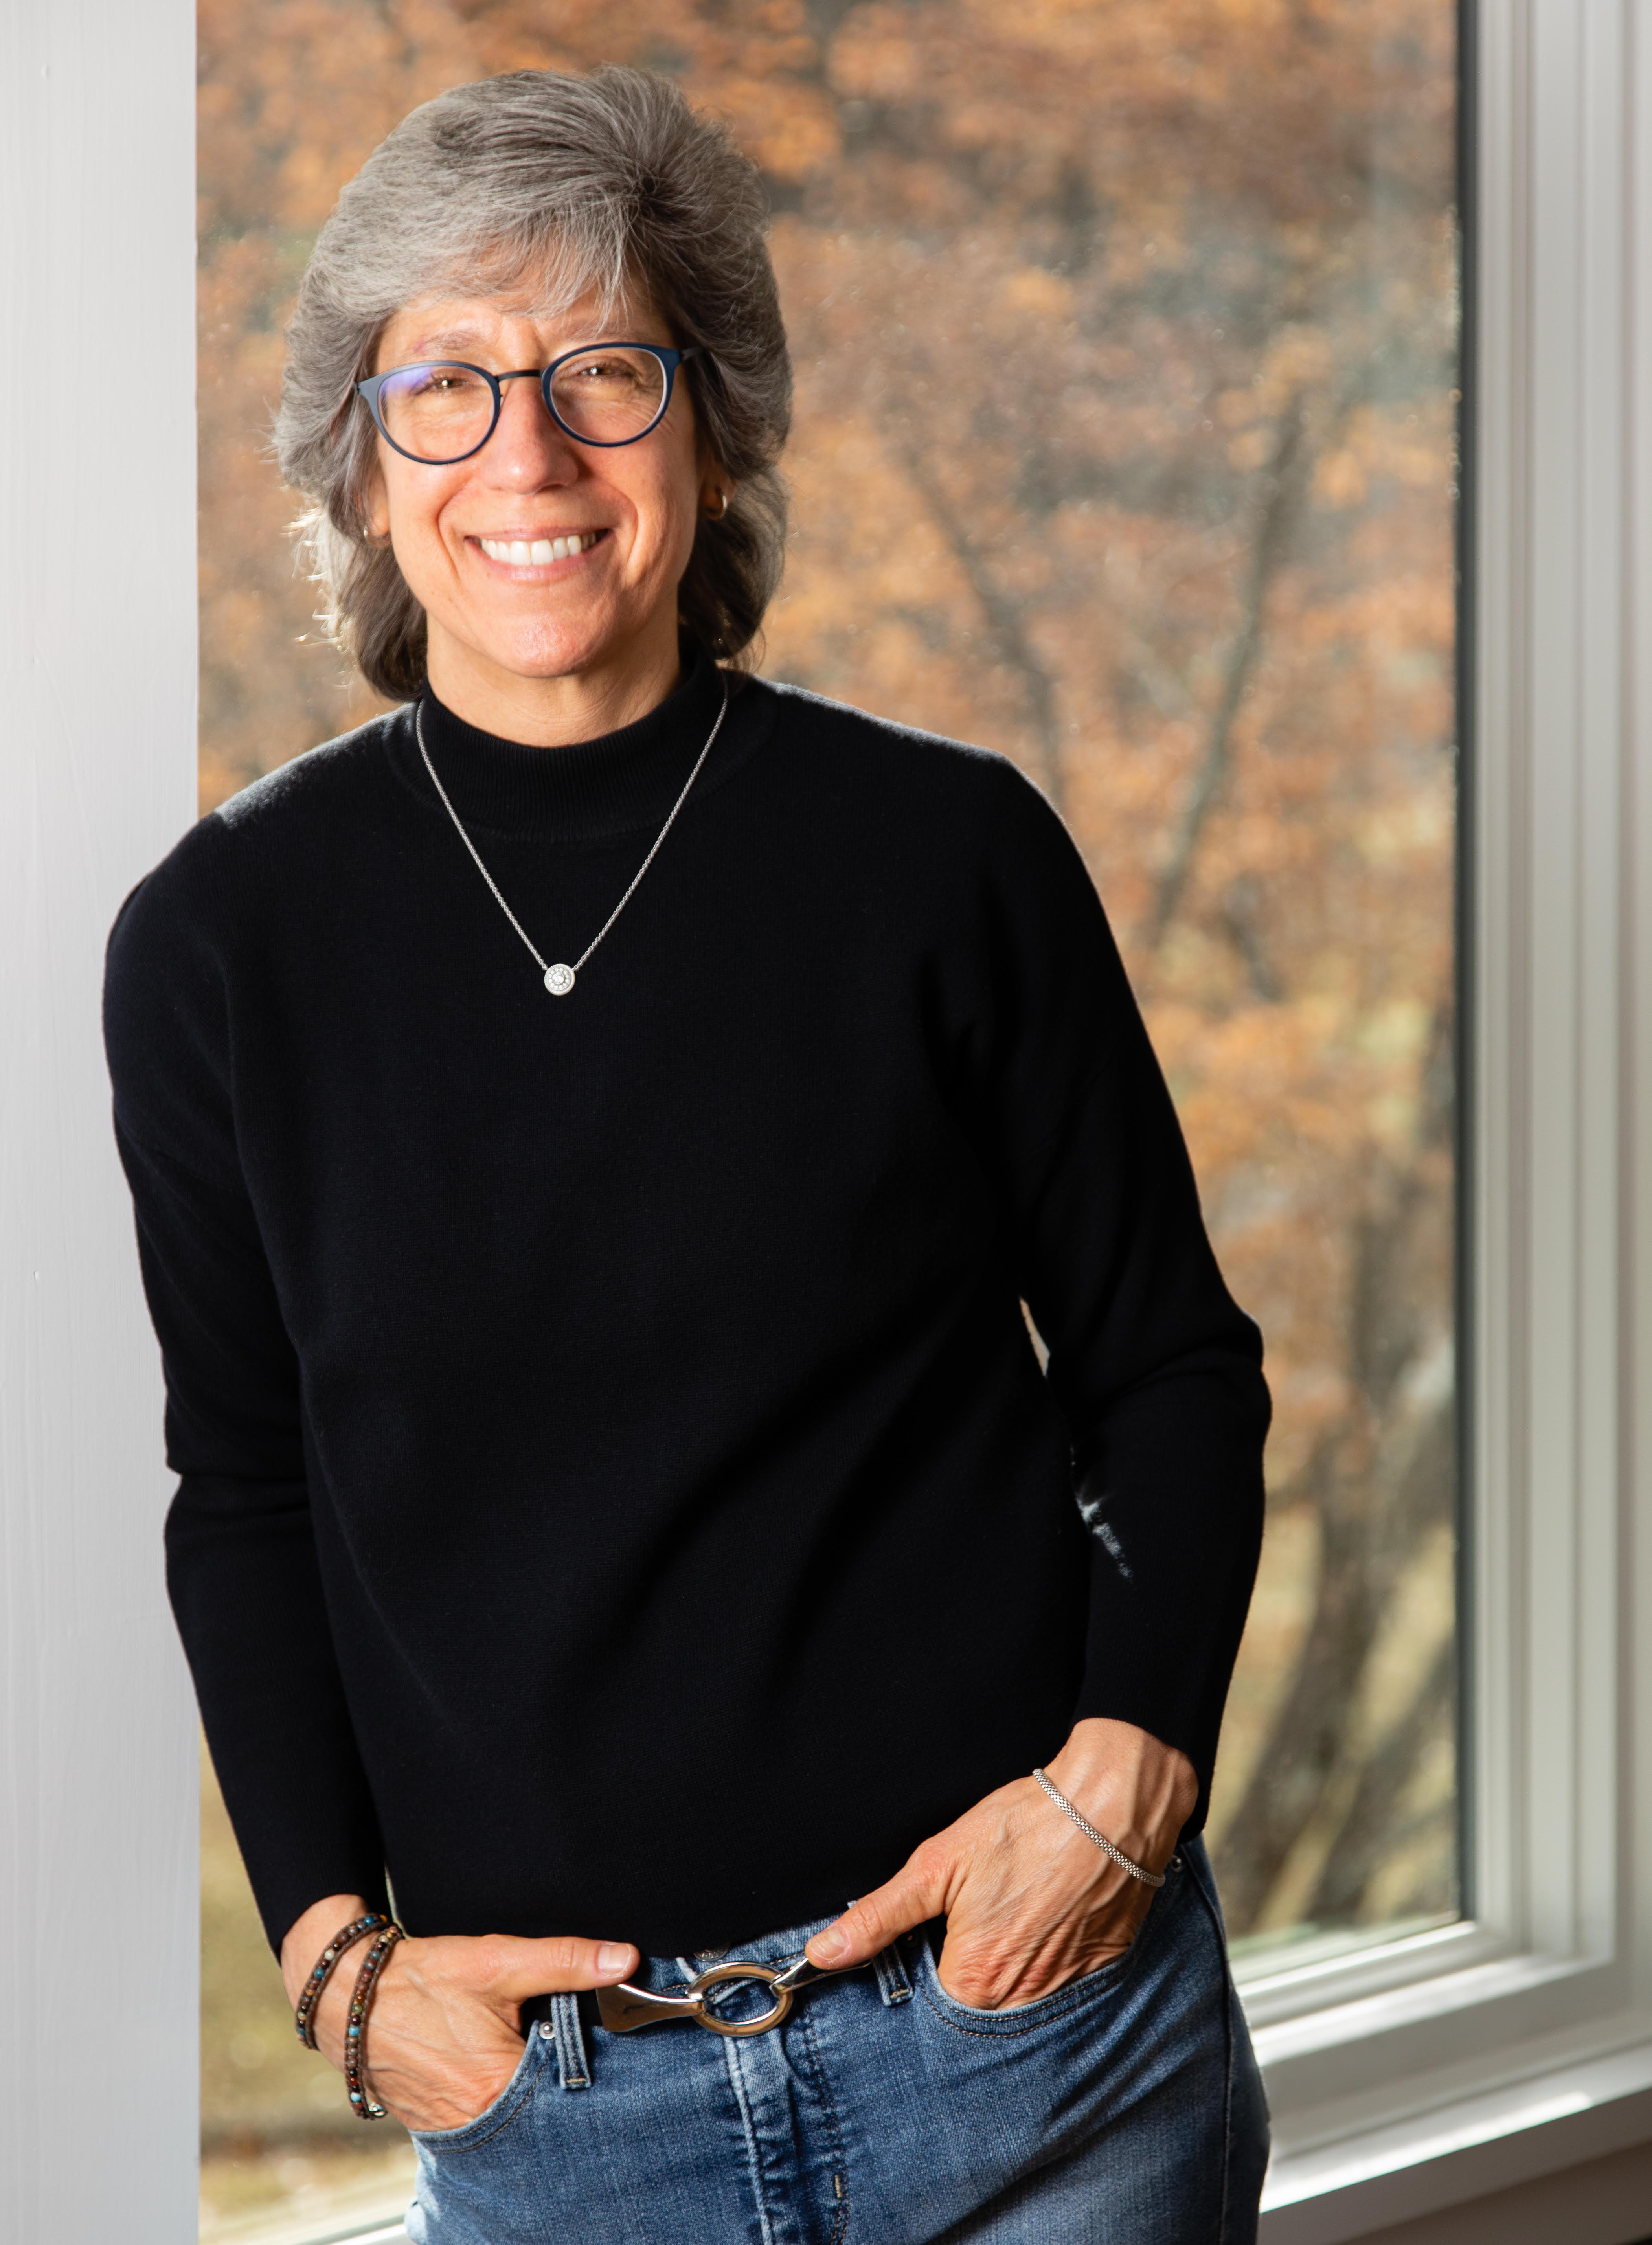 Author and Wellness Coach, Kathy Robinson